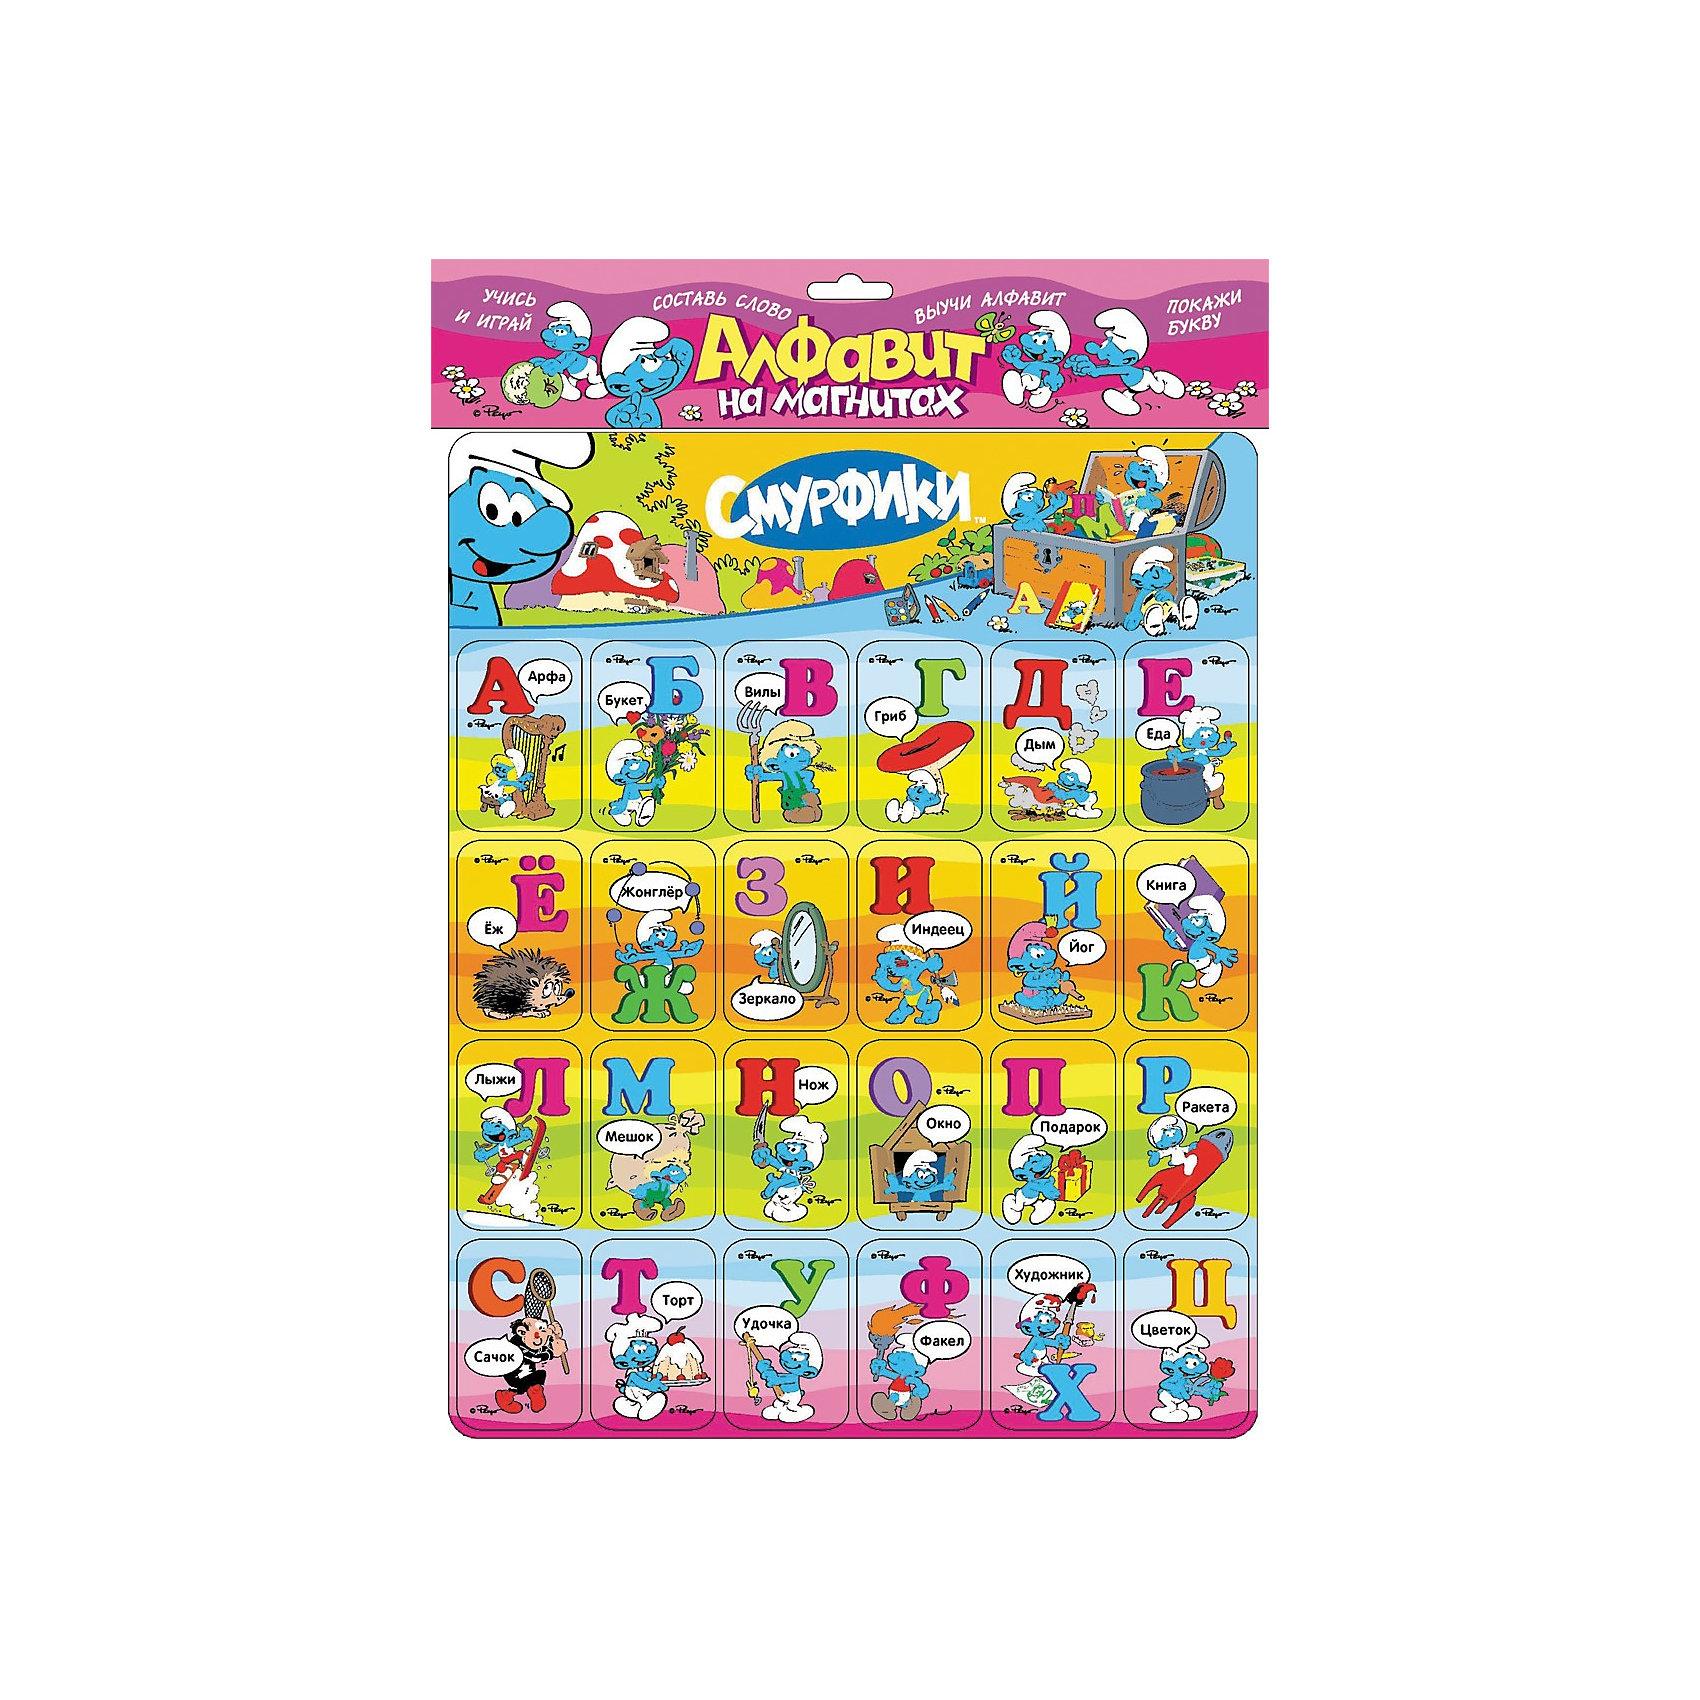 Алфавит на магнитах, СмурфикиНабор учебно-игровых карточек Смурфики: Алфавит на магнитах от Росмэн - это лёгкое и весёлое изучение азбуки с героями популярного мультфильма!<br><br>Забавные гномики-смурфики помогут Вашему малышу быстрее выучить алфавит и новые слова. Малыш сможет учить буквы, складывать слоги и слова на любой плоской металлической поверхности, развивать мелкую моторик рук, логическое мышление и память. Некоторые буквы в наборе повторяются, чтобы можно было составить больше слов.<br><br>Возможны четыре варианта изучения:<br>- покажи букву<br>- составь слово<br>- выучи алфавит<br>- вставь недостающую букву.<br><br>Магнитные карточки с буквами русского алфавита и забавными картинками превратят обучение в увлекательную игру!<br><br><br>Дополнительная информация:<br><br>- Серия: карточки на магнитах<br>- Число страниц: 4<br>- Размер упаковки: 325x295x2 мм<br>- Год выпуска: 2012<br><br>Ширина мм: 325<br>Глубина мм: 295<br>Высота мм: 2<br>Вес г: 170<br>Возраст от месяцев: 36<br>Возраст до месяцев: 72<br>Пол: Унисекс<br>Возраст: Детский<br>SKU: 3177427